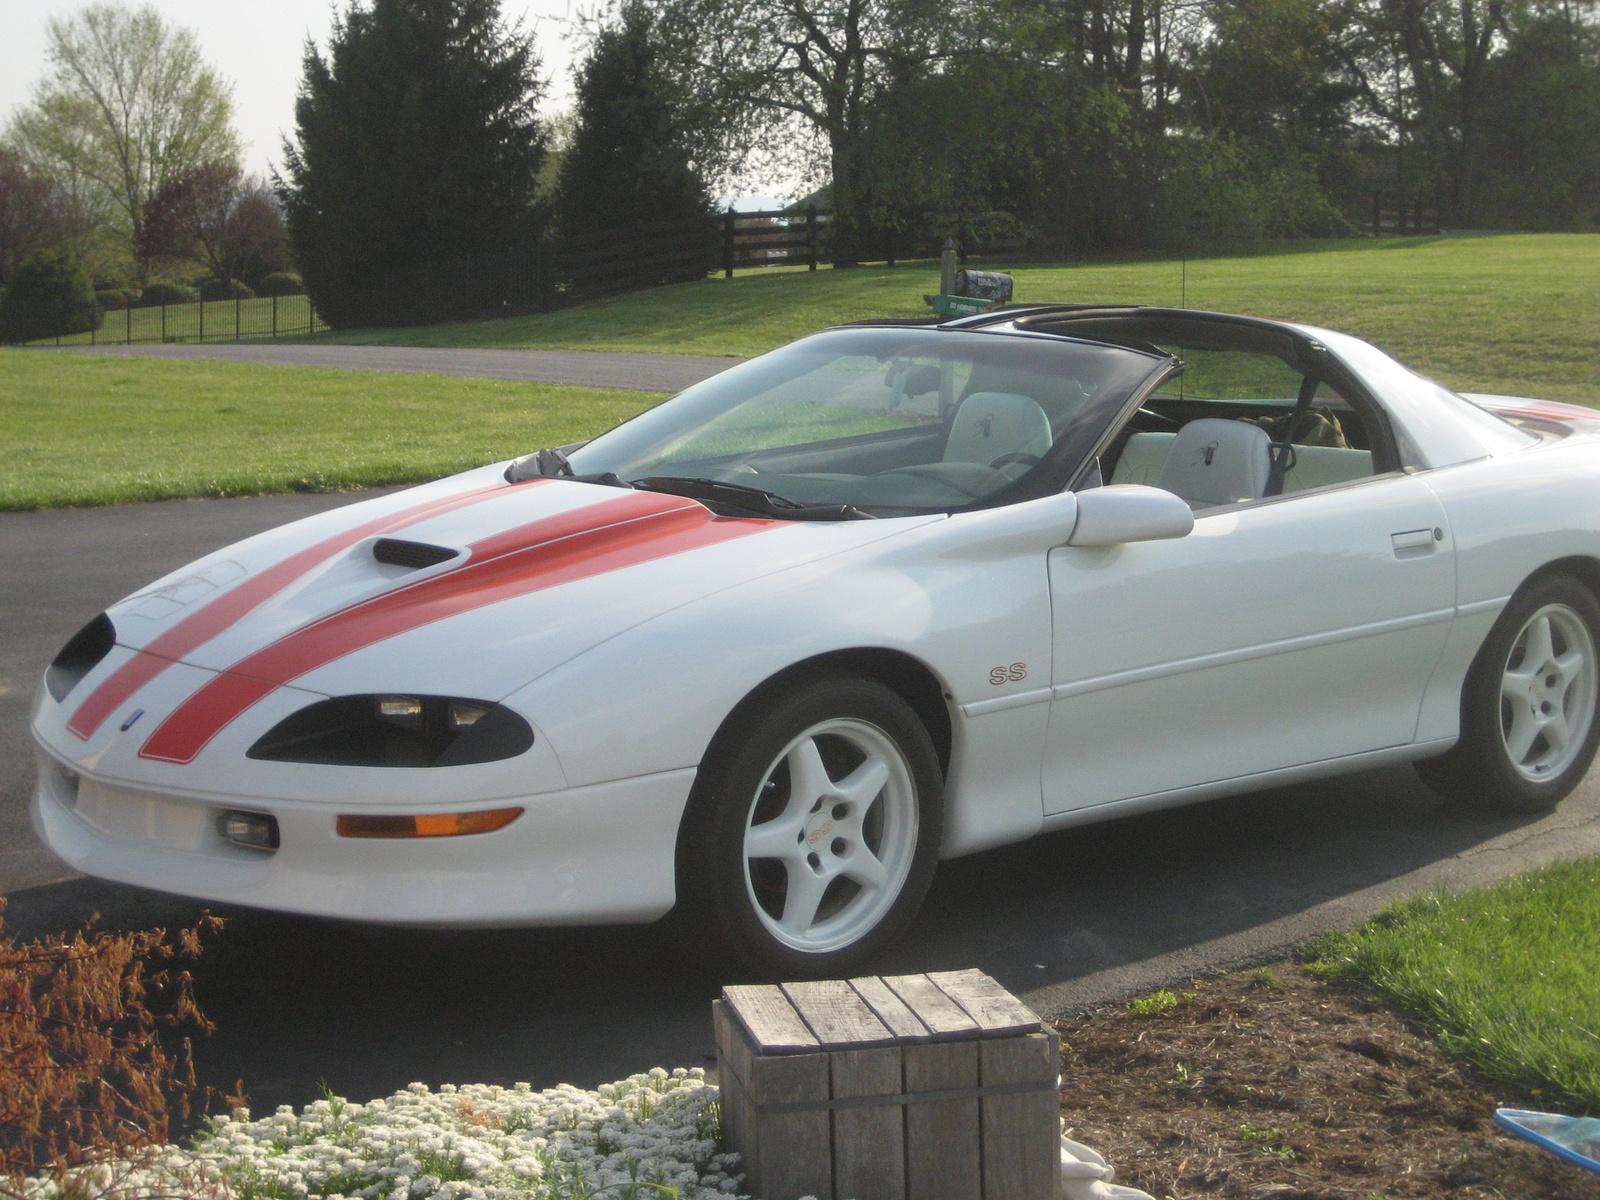 1997 Chevrolet Camaro Pictures Cargurus